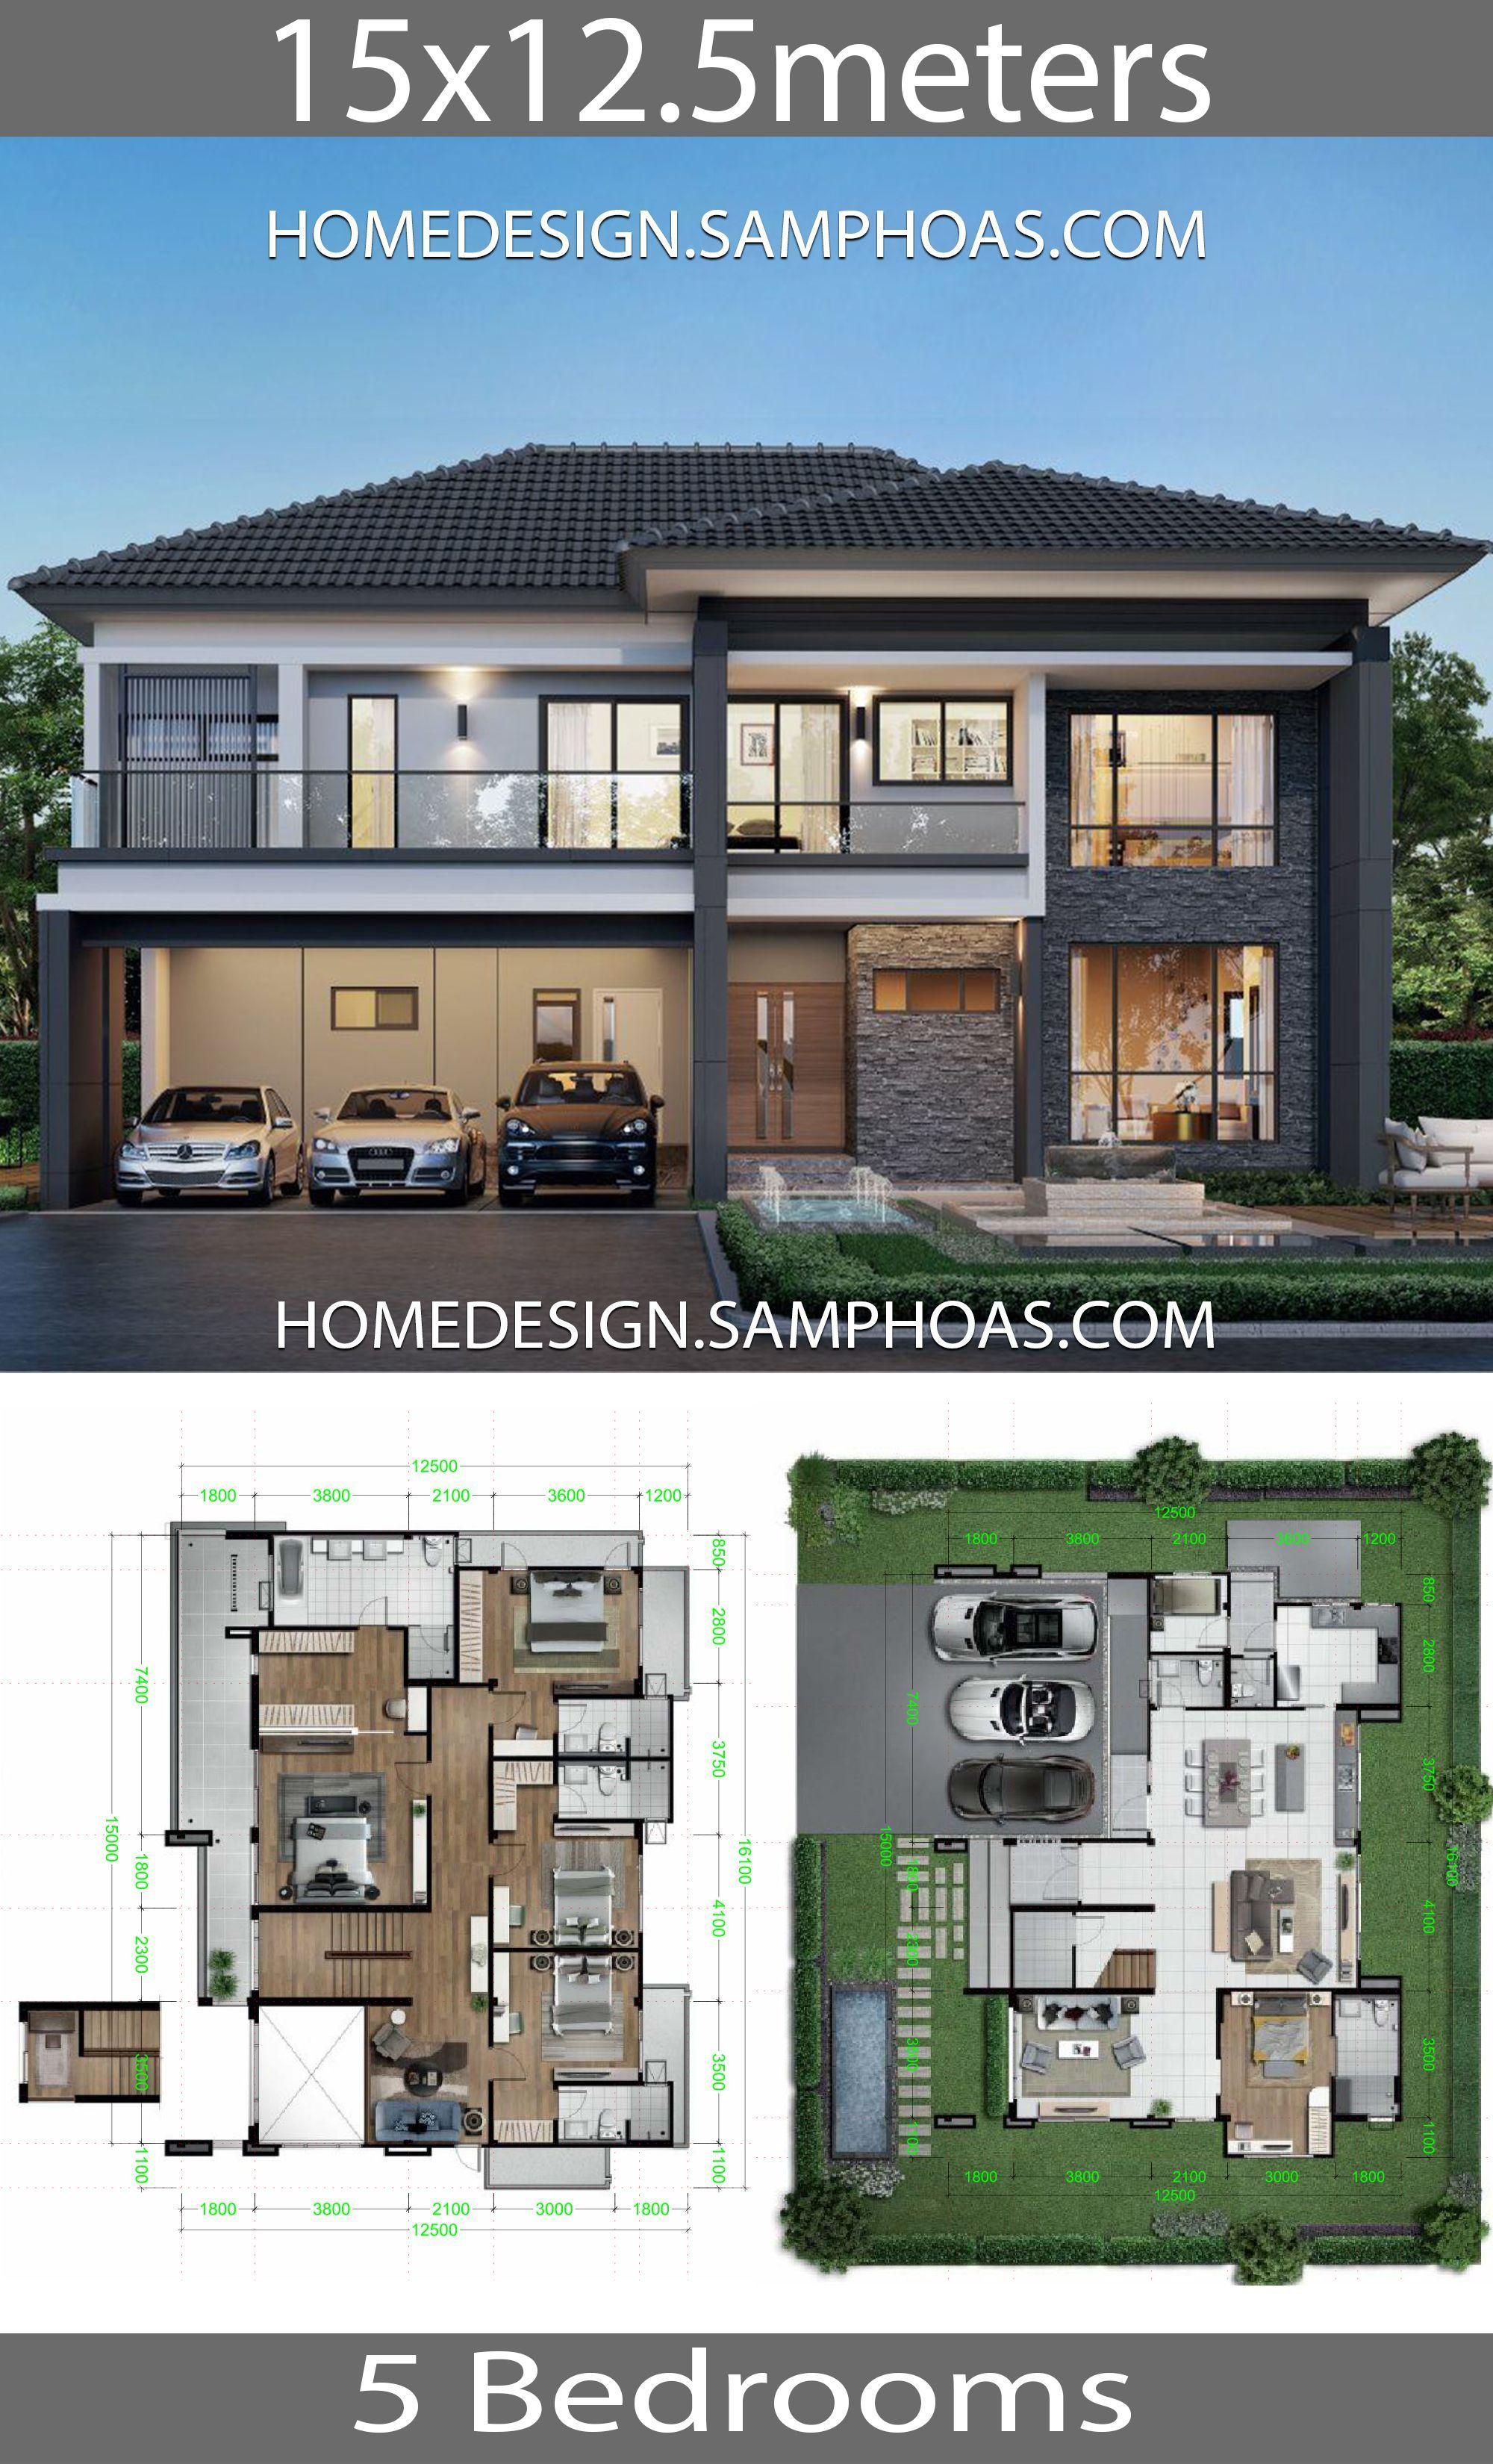 House Plans Architecture Layout 23 Ideas House Plans Architecture Layout My Ideas Em 2020 Projectos De Casas Fachadas De Casas Plantas De Casas